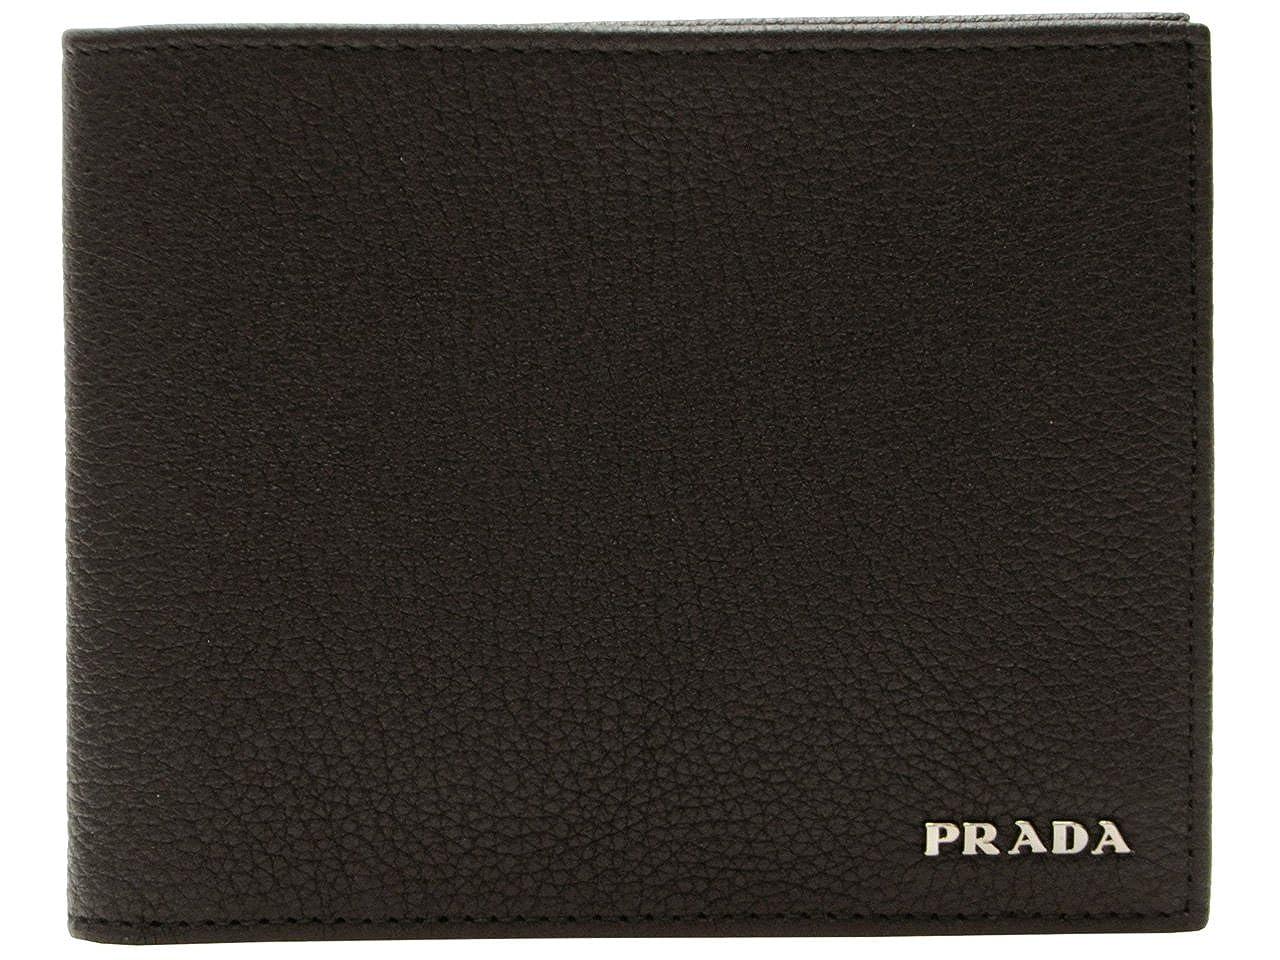 (プラダ) PRADA 財布 二つ折り メンズ ブラック レザー 2mo002vitgra-nero ブランド [並行輸入品] B01LWVP2XG